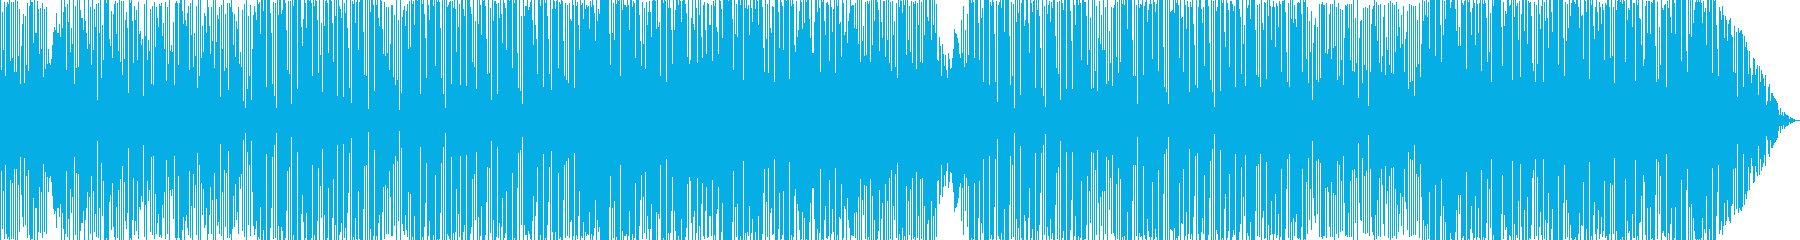 トロピカルで楽しいEDM/エスニック風の再生済みの波形